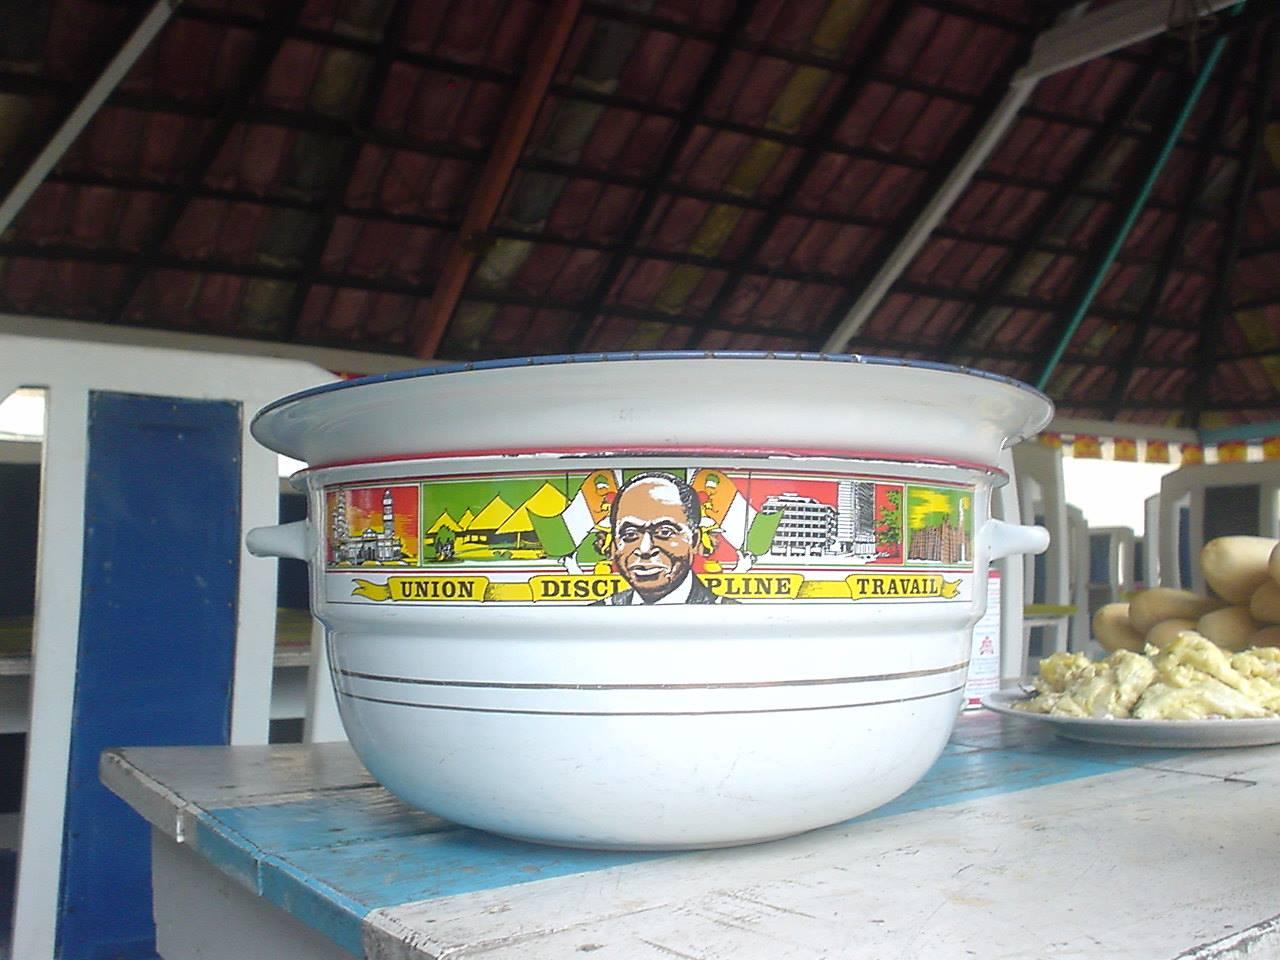 コートジボワール初代大統領フェリックス・ウフエ・ボワニ氏が描かれたホーローのタライ